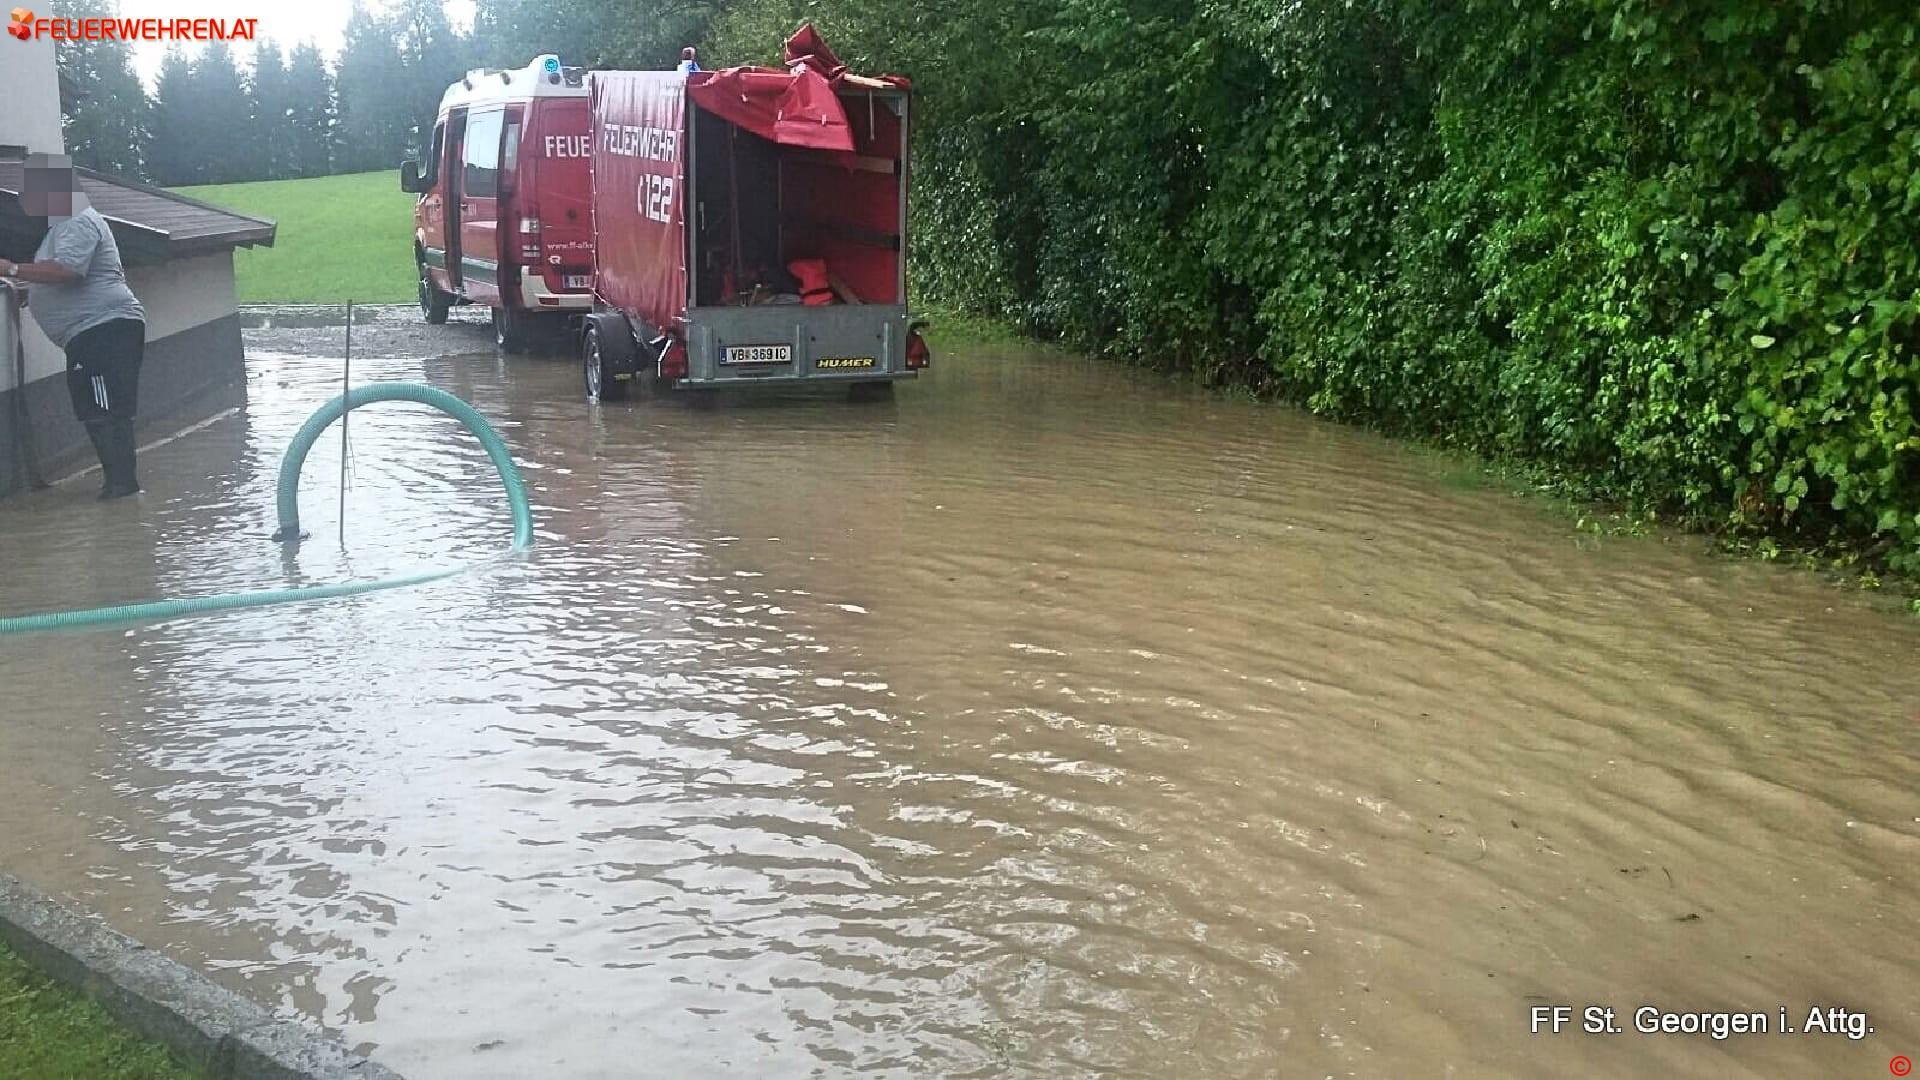 FF St. Georgen i.A.: Überflutungen nach Starkregen 2